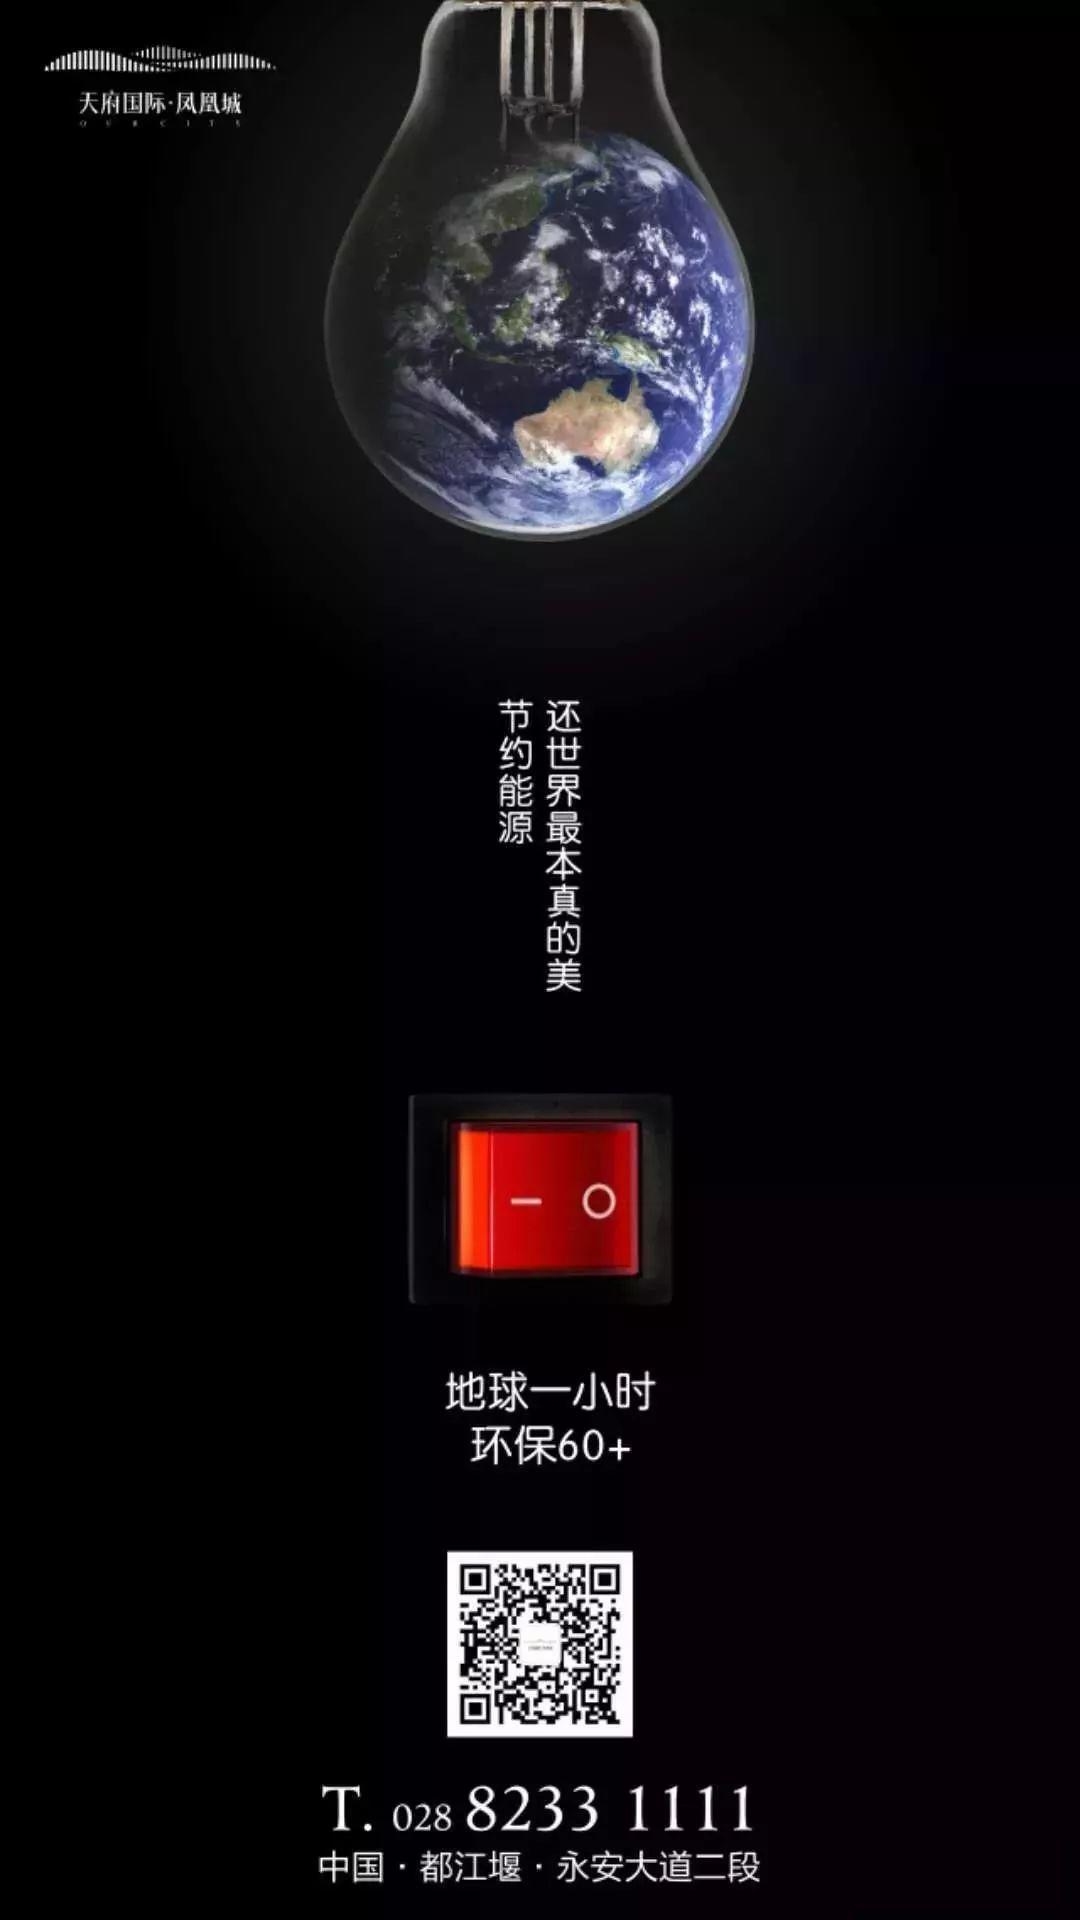 地球一小时文案海报:抬头发现天空中最亮的星!插图33